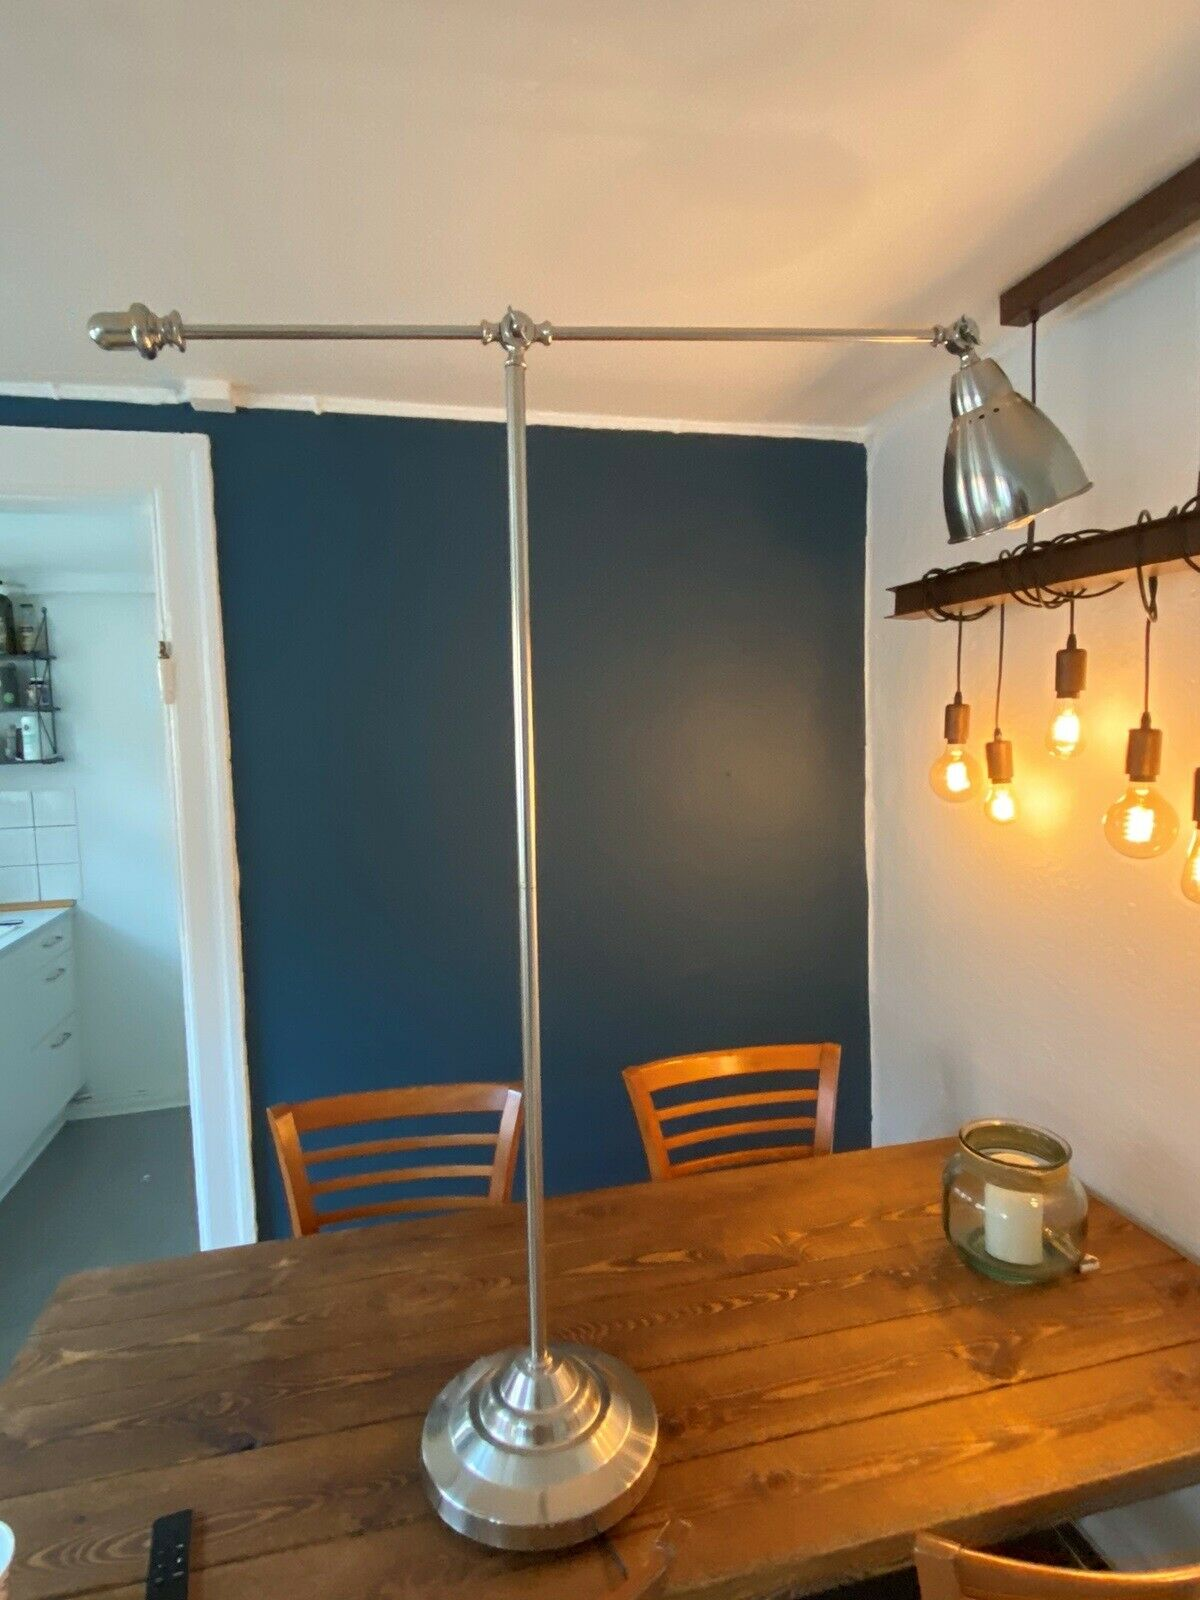 Lampe med bord, IKEA – dba.dk – Køb og Salg af Nyt og Brugt